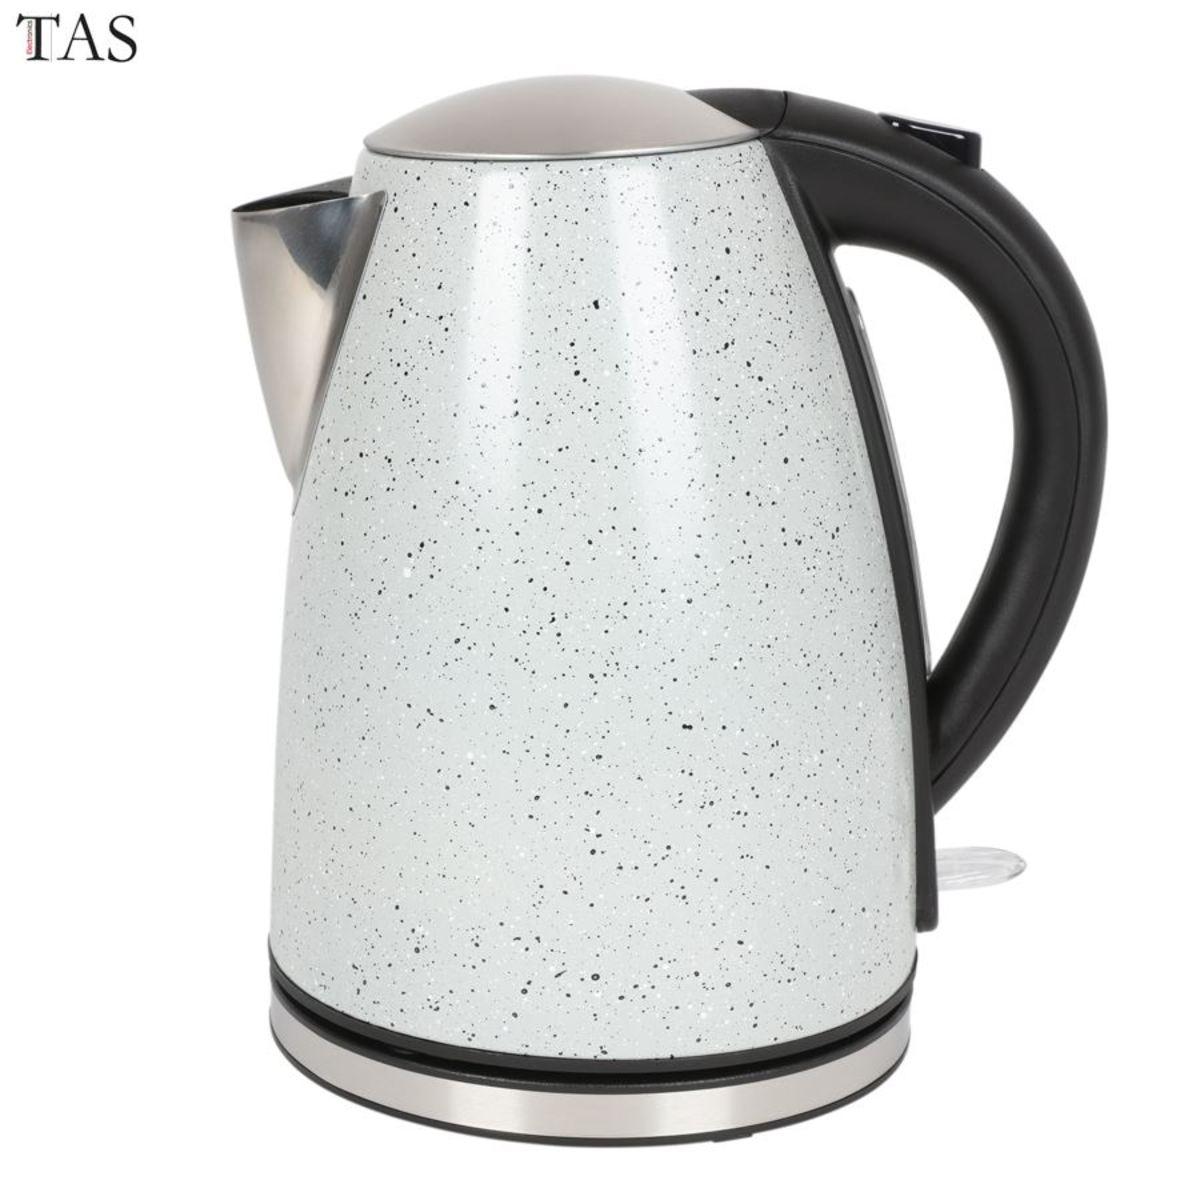 Bild 1 von TAS Wasserkocher 1,7L Grau-Metallic